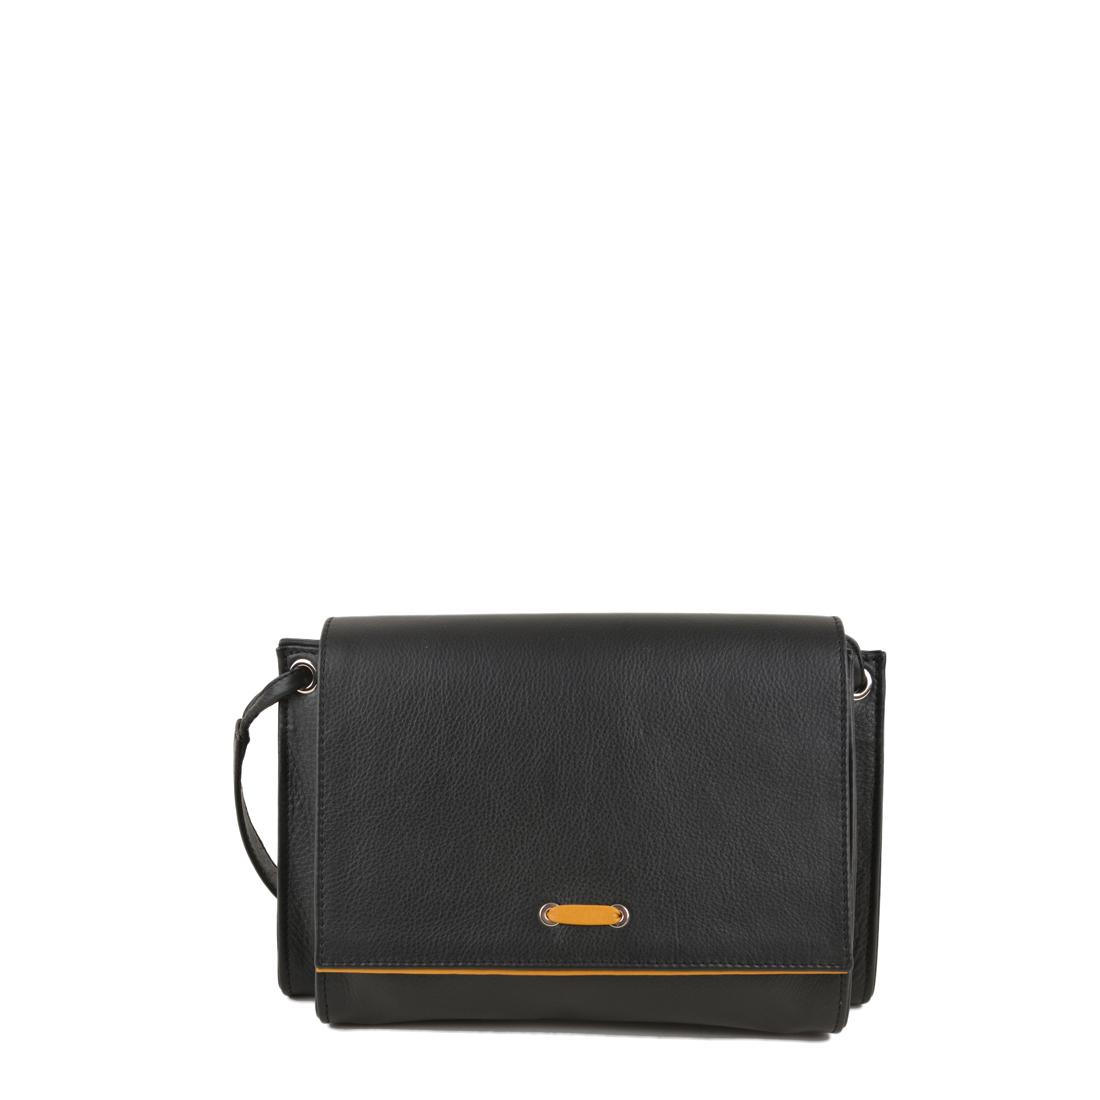 Isobel Black Yellow Leather Across Body Bag